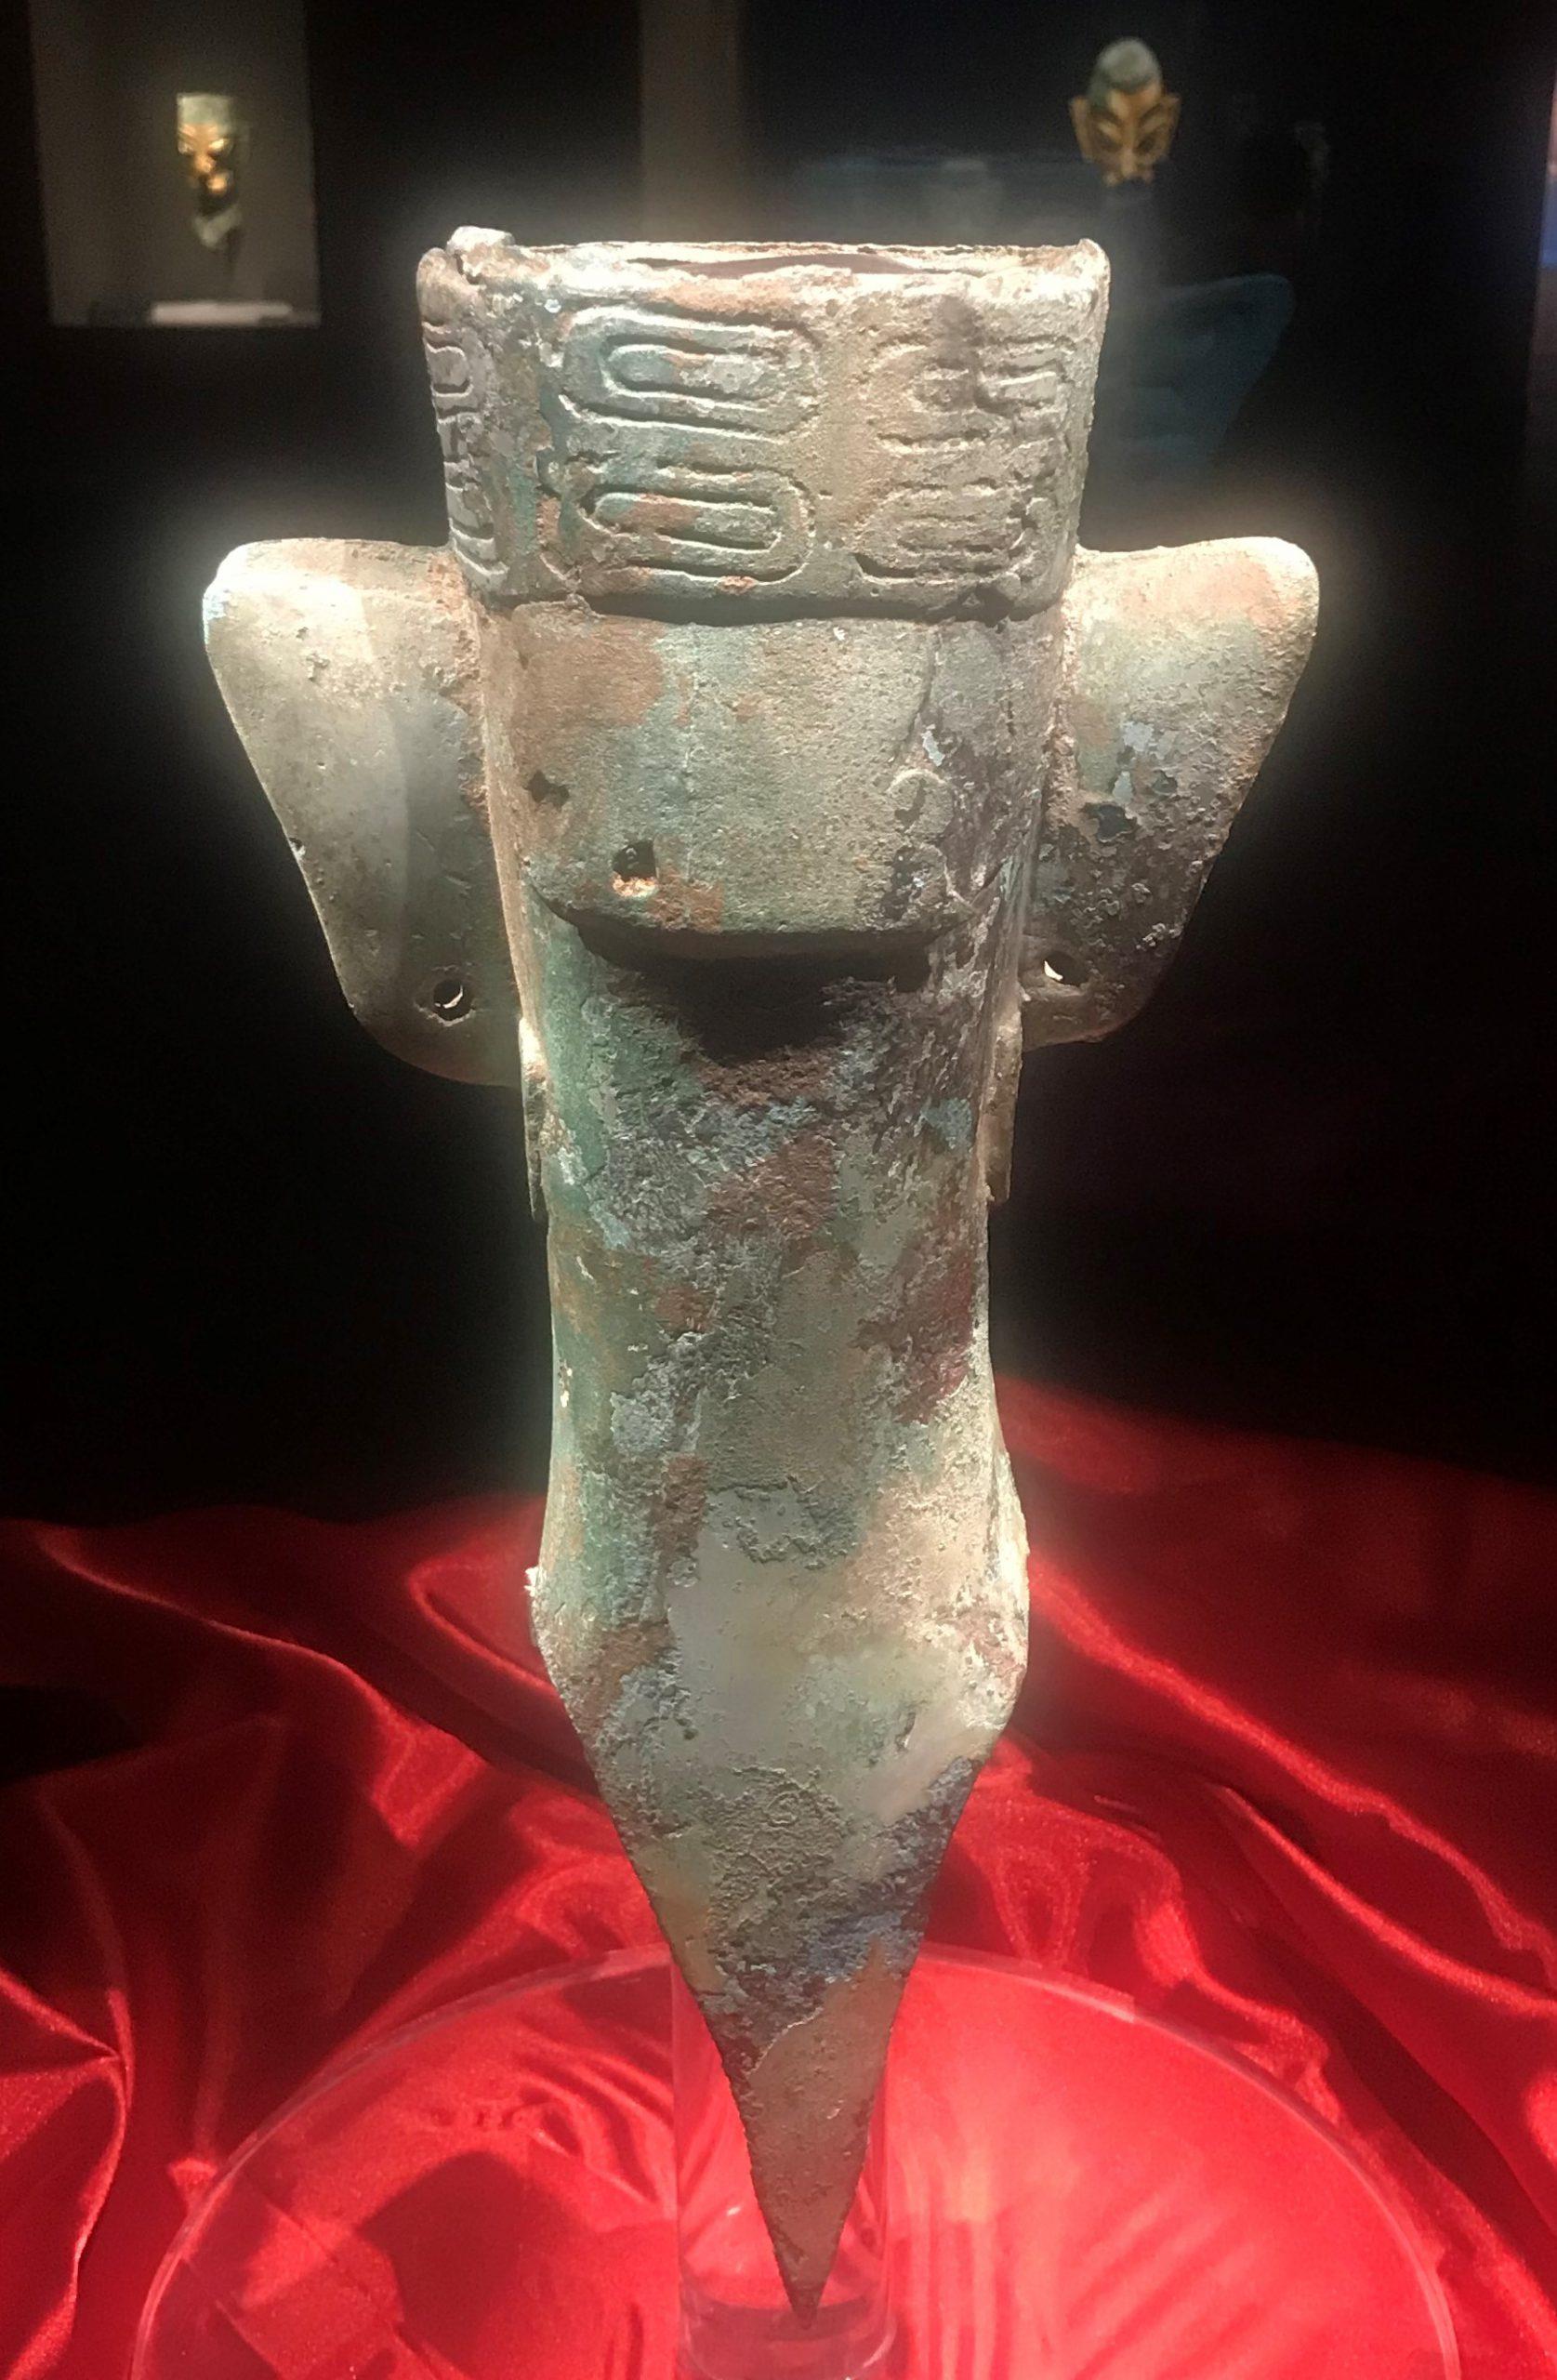 青銅人頭像9-青銅器館-三星堆博物館-広漢市-徳陽市-四川省